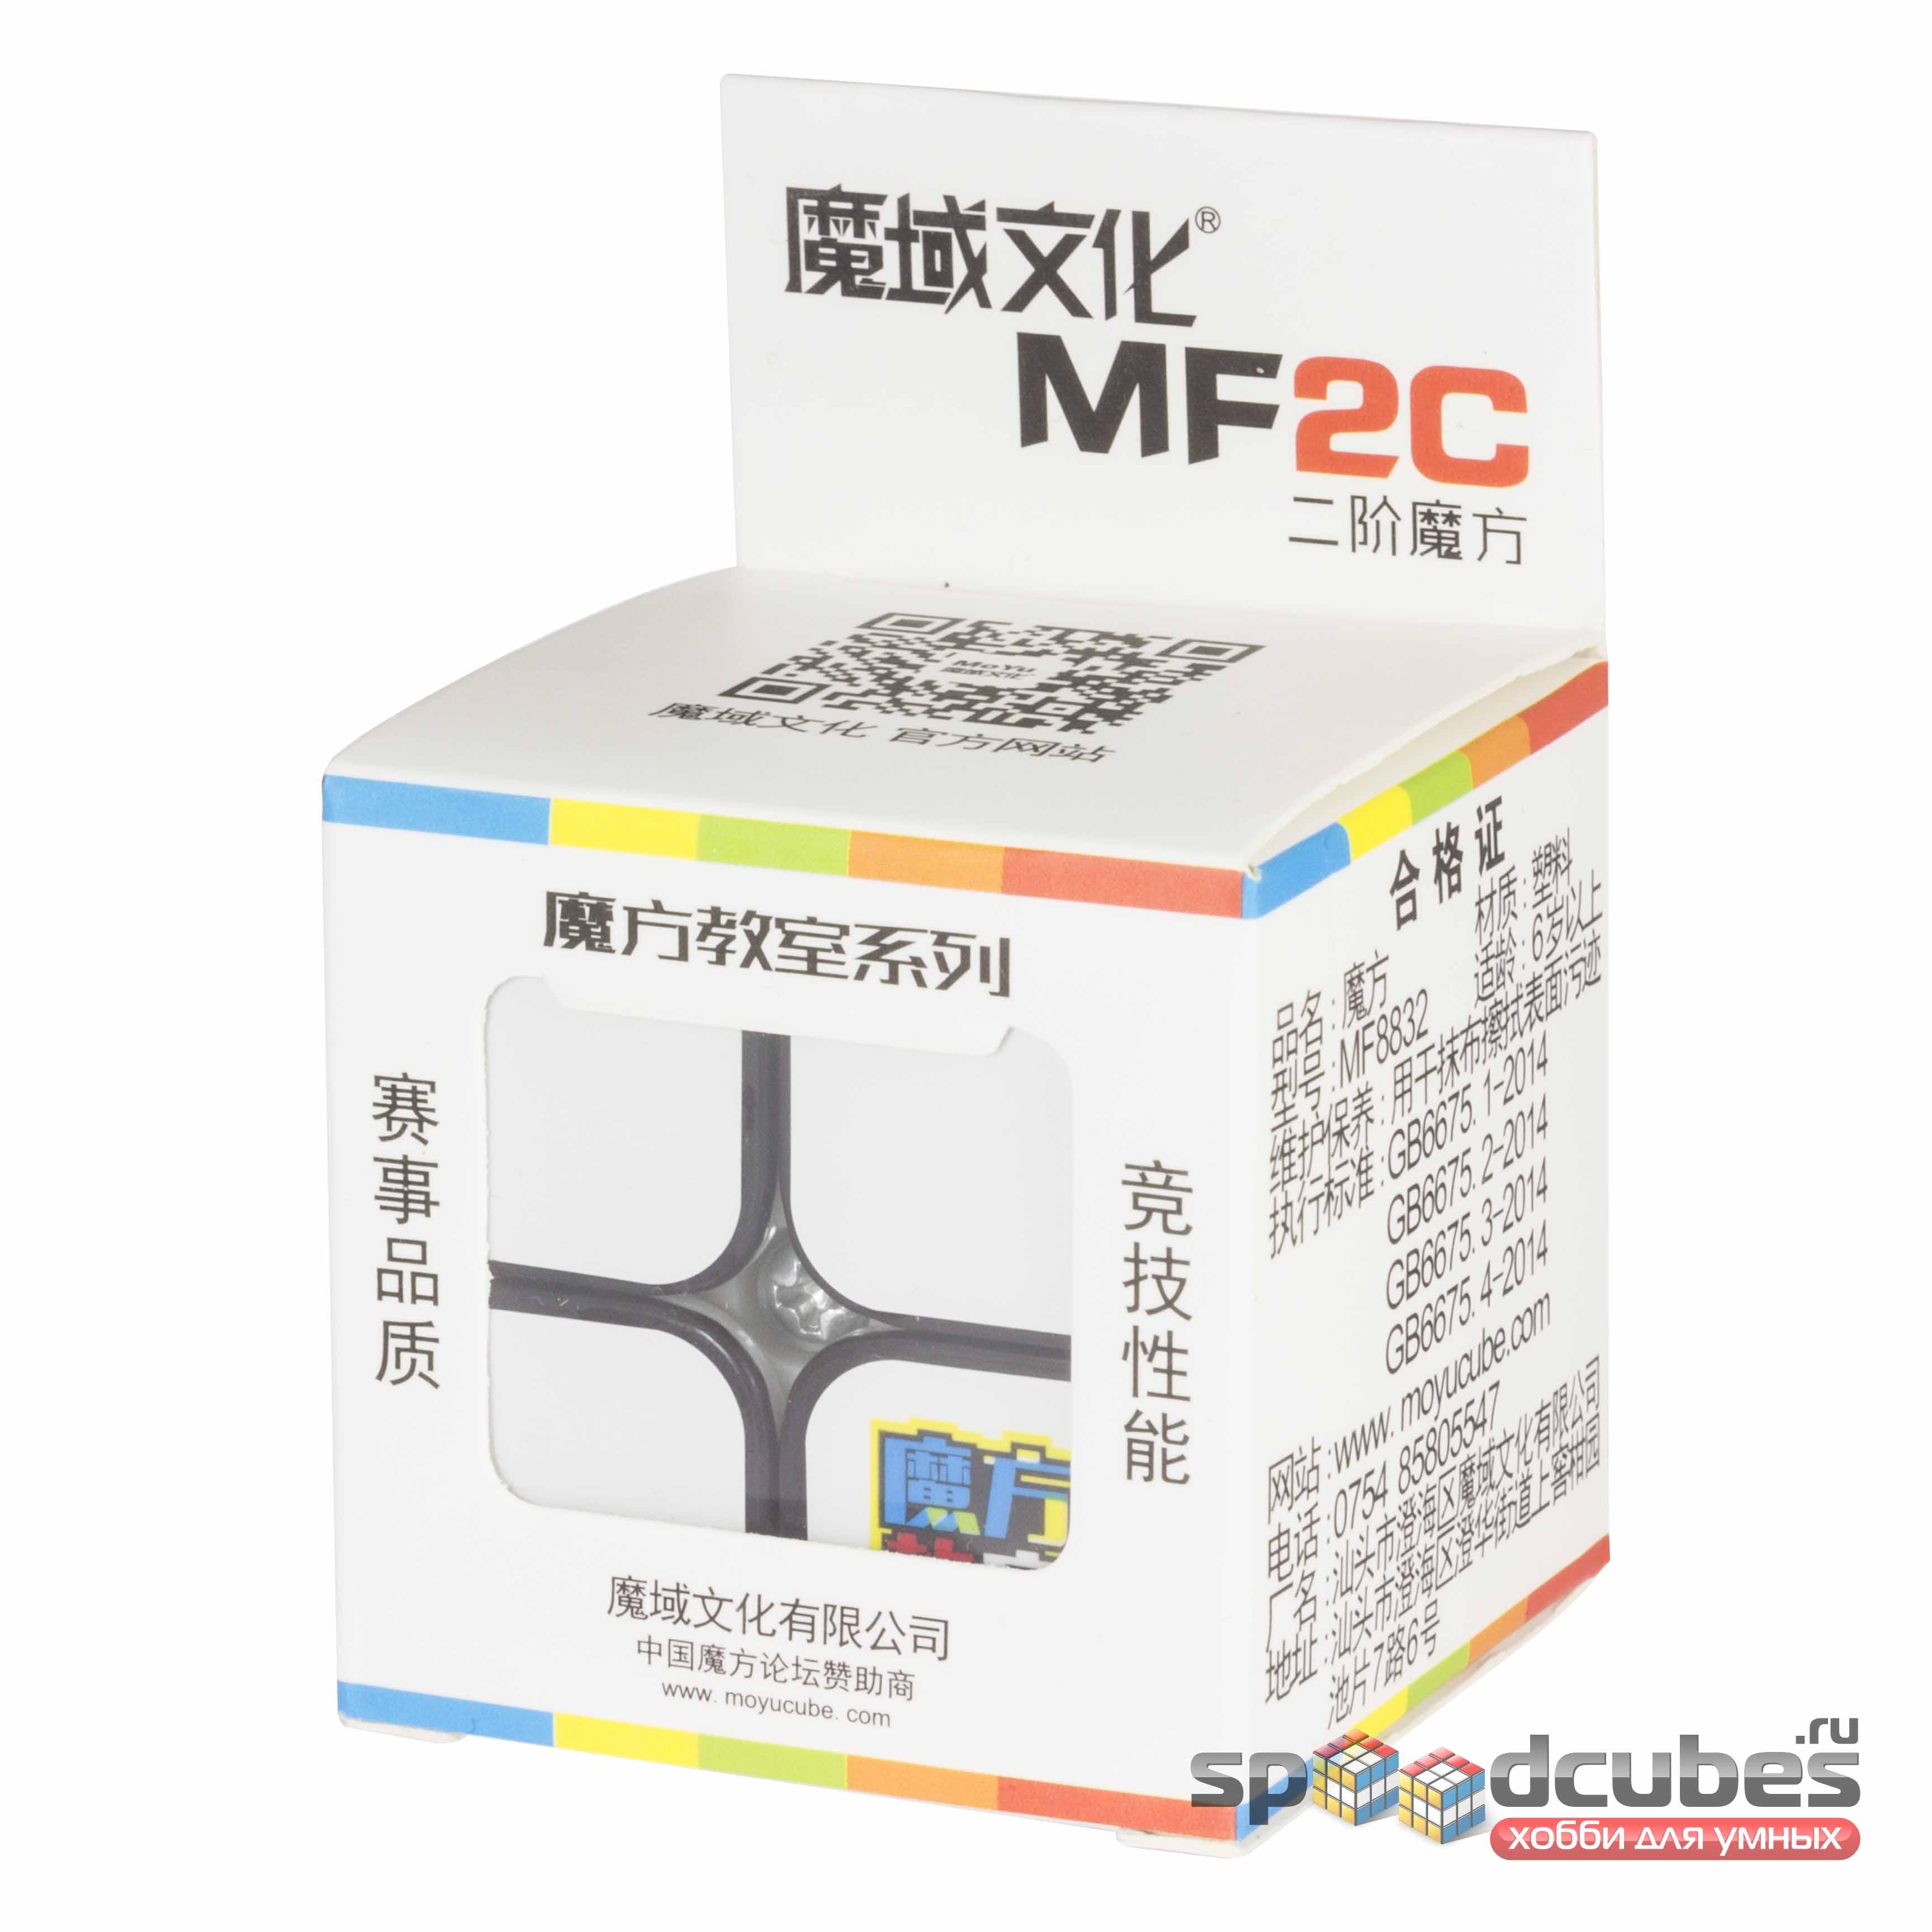 MoYu 2x2x2 MofangJiaoshi MF2c 1